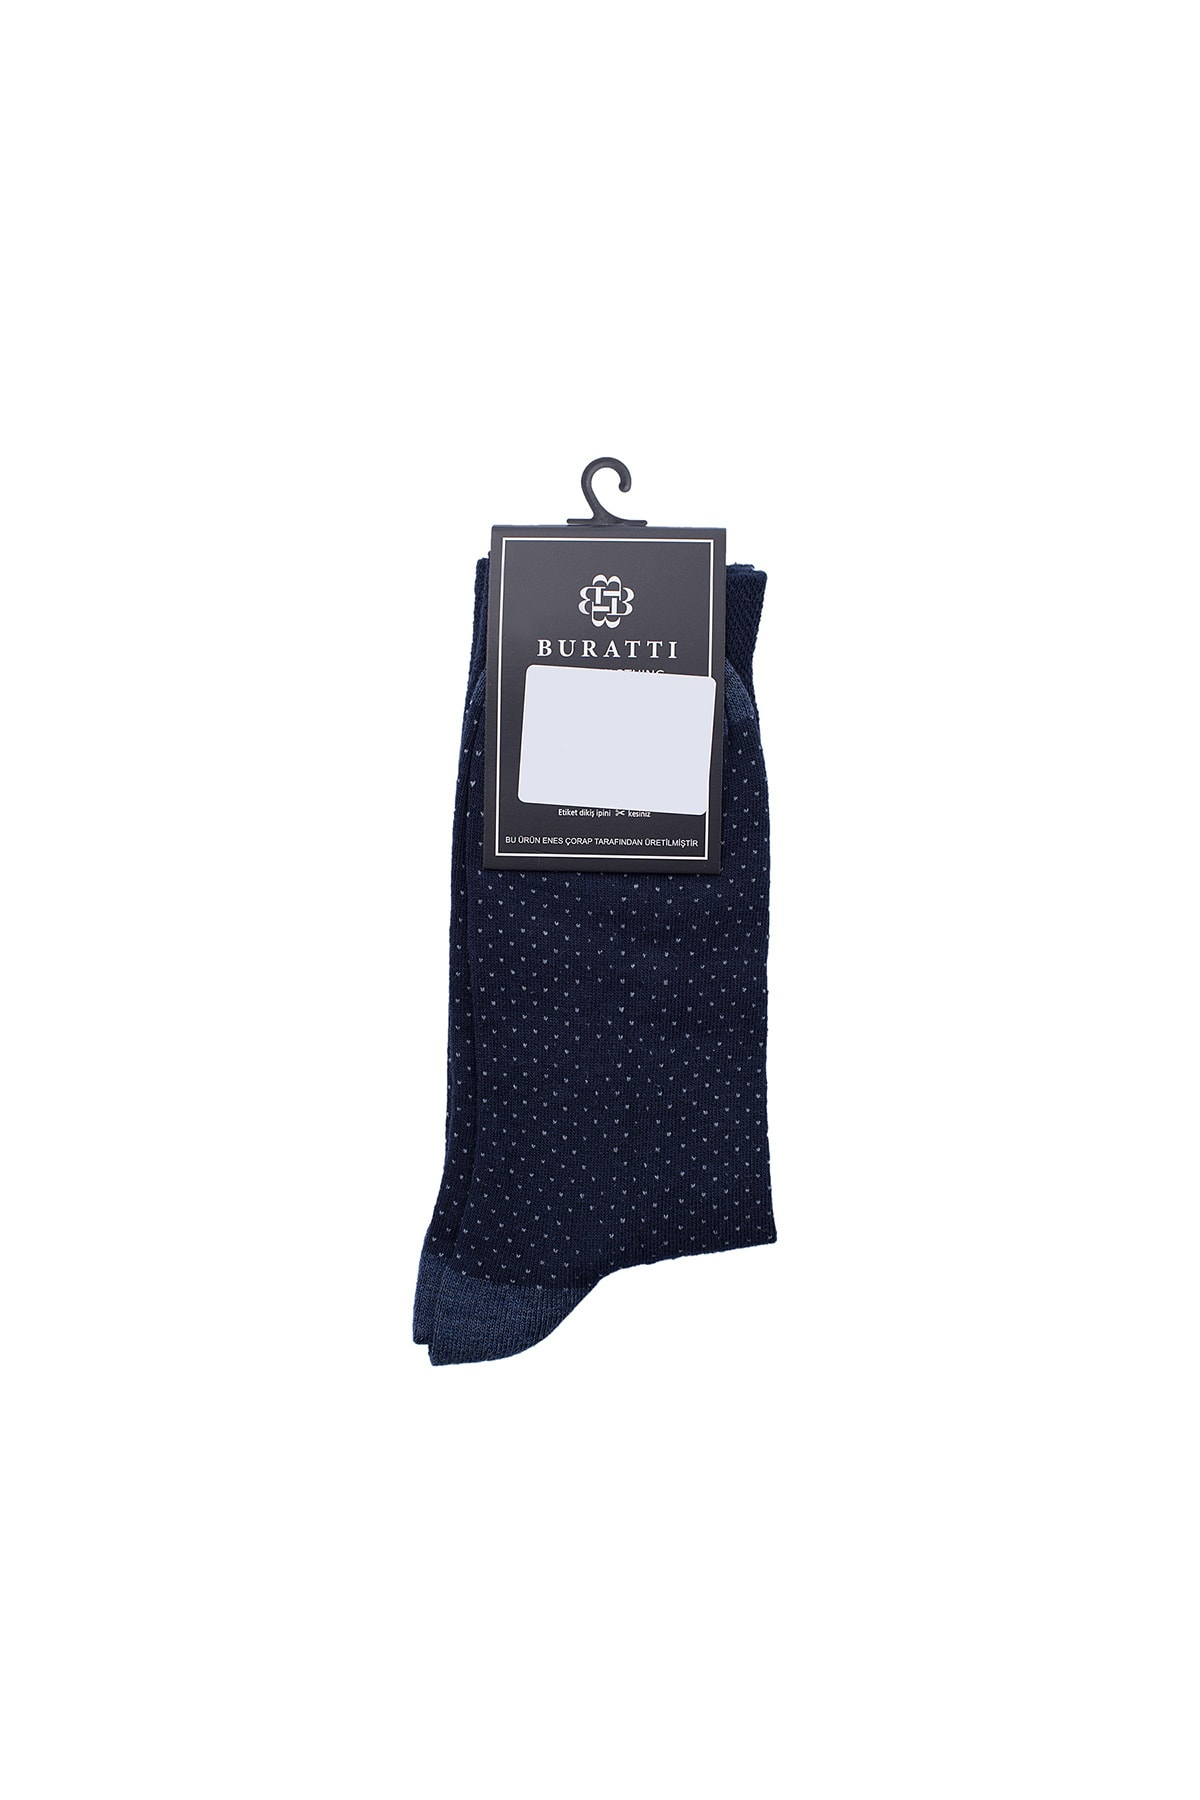 Buratti Çorap ERKEK ÇORAP 5581700 1